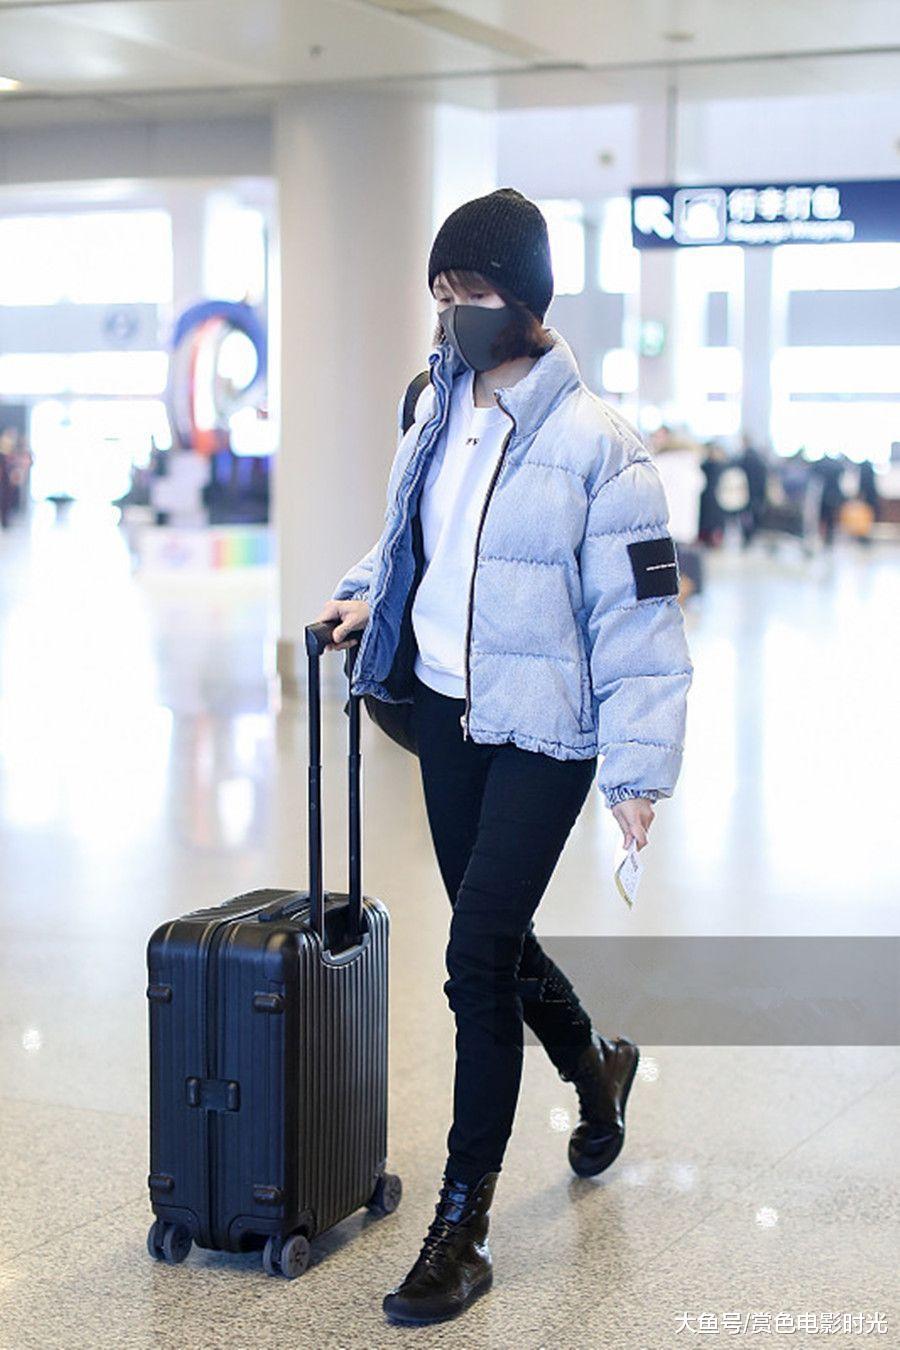 袁泉穿天蓝色羽绒服配玄色长裤现身 自履行李垂头狂奔秀年夜长腿